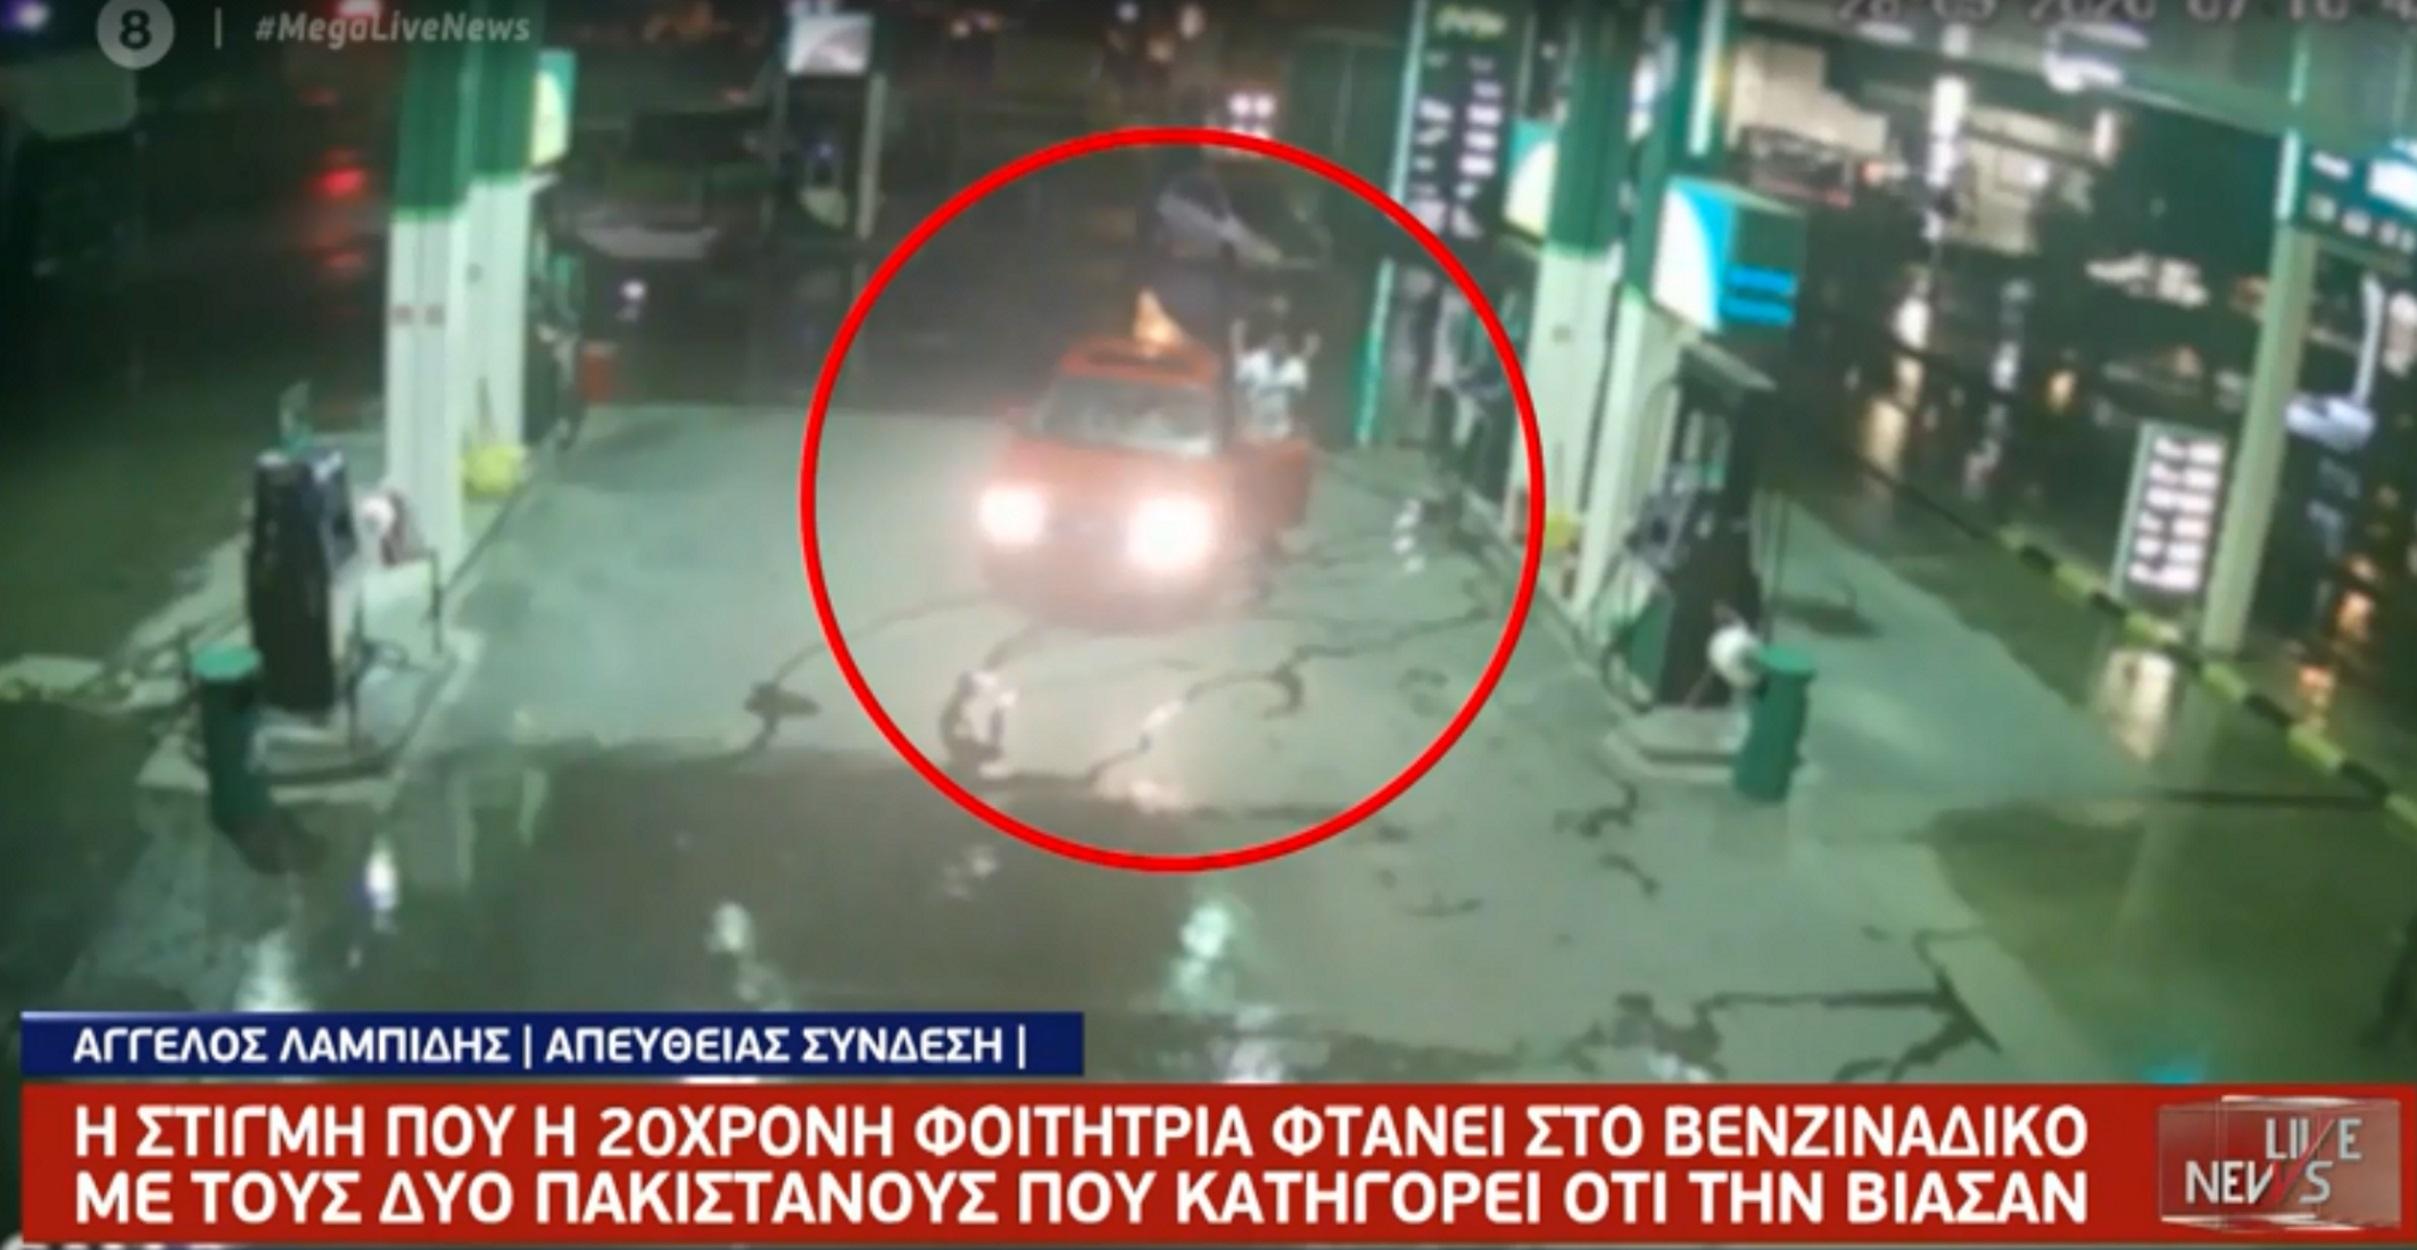 Βίντεο ντοκουμέντο με την 20χρονη που κατήγγειλε βιασμό της στη Θεσσαλονίκη